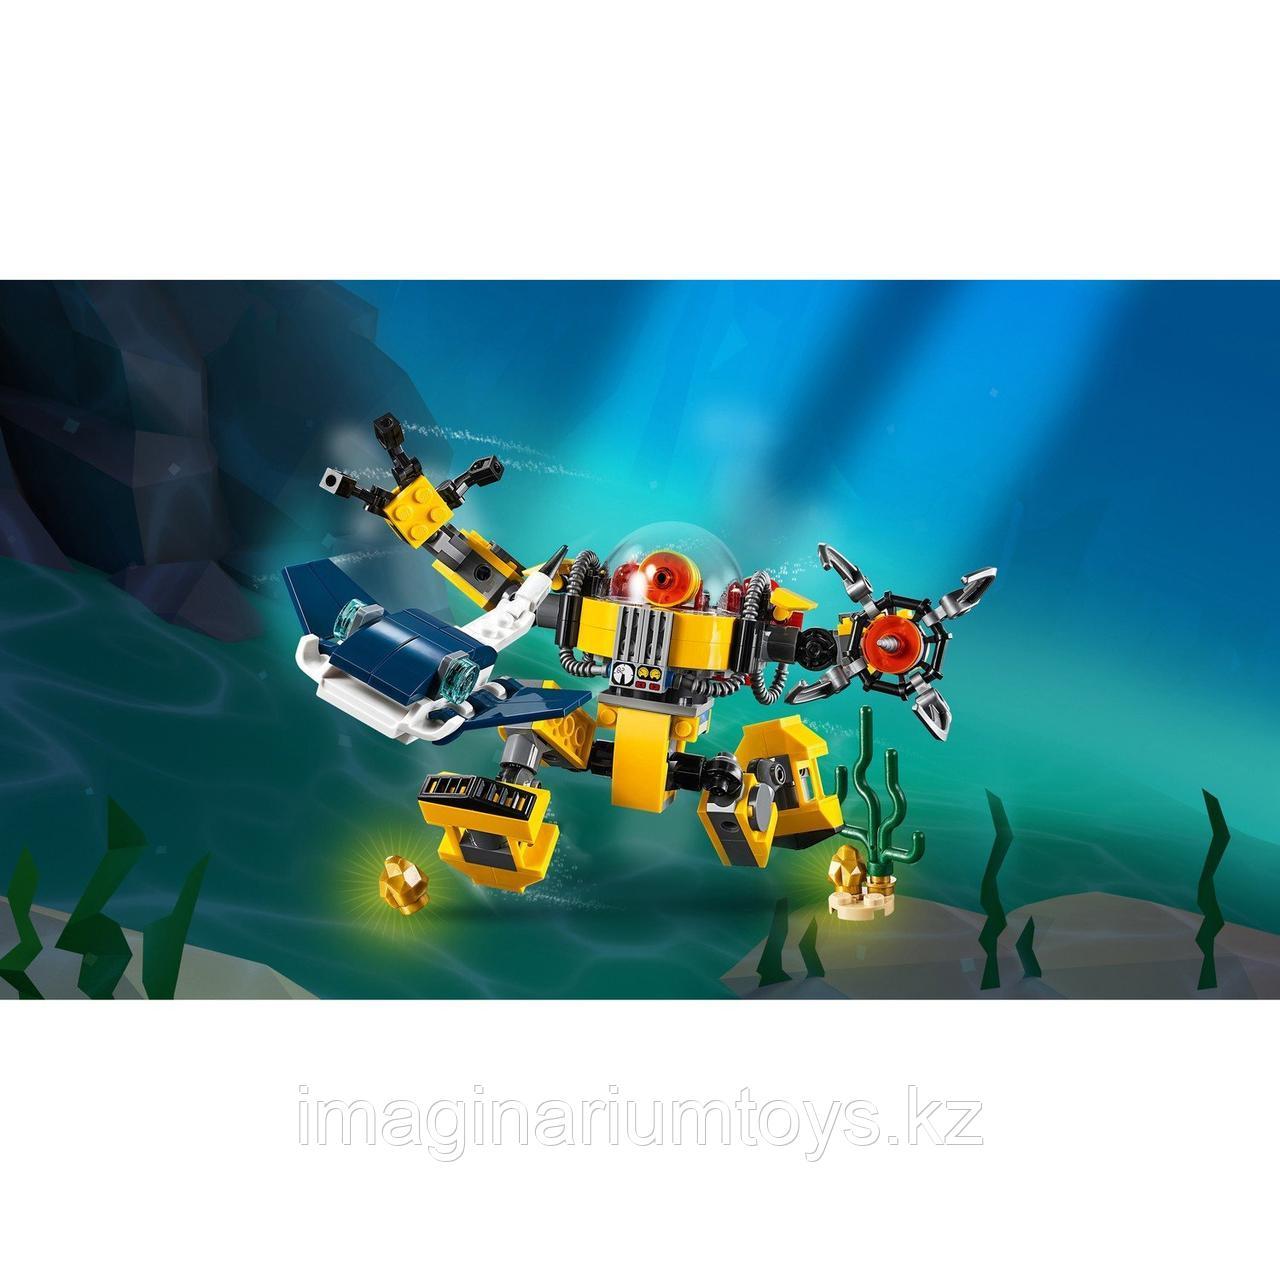 Конструктор LEGO Creator 3 в 1 Робот для подводных исследований 31090 - фото 5